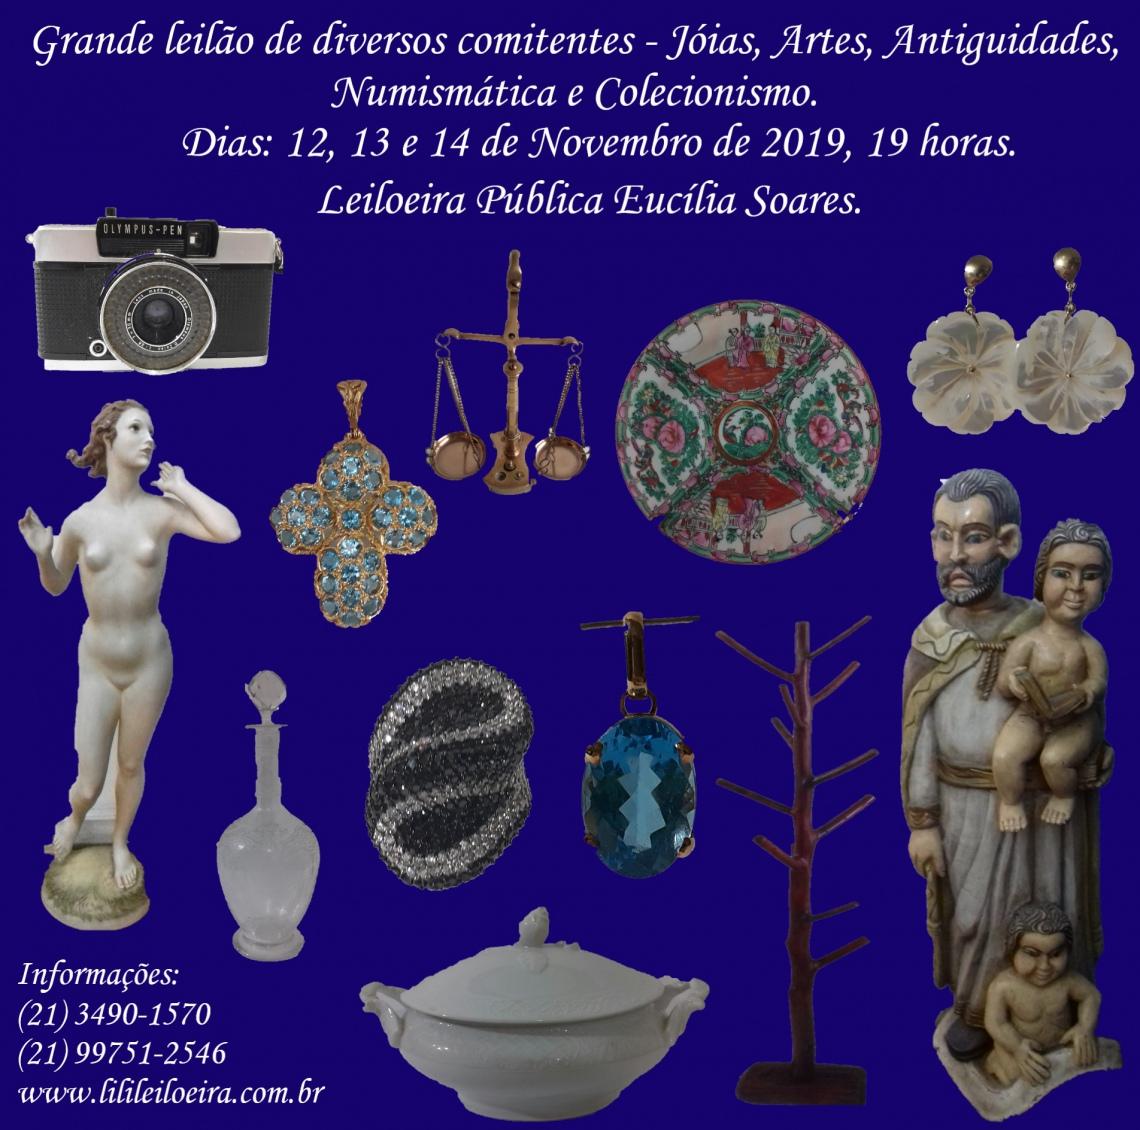 GRANDE LEILÃO DE DIVERSOS COMITENTES - JÓIAS, ARTES, ANTIGUIDADES, NUMISMÁTICA E COLECIONISMO.